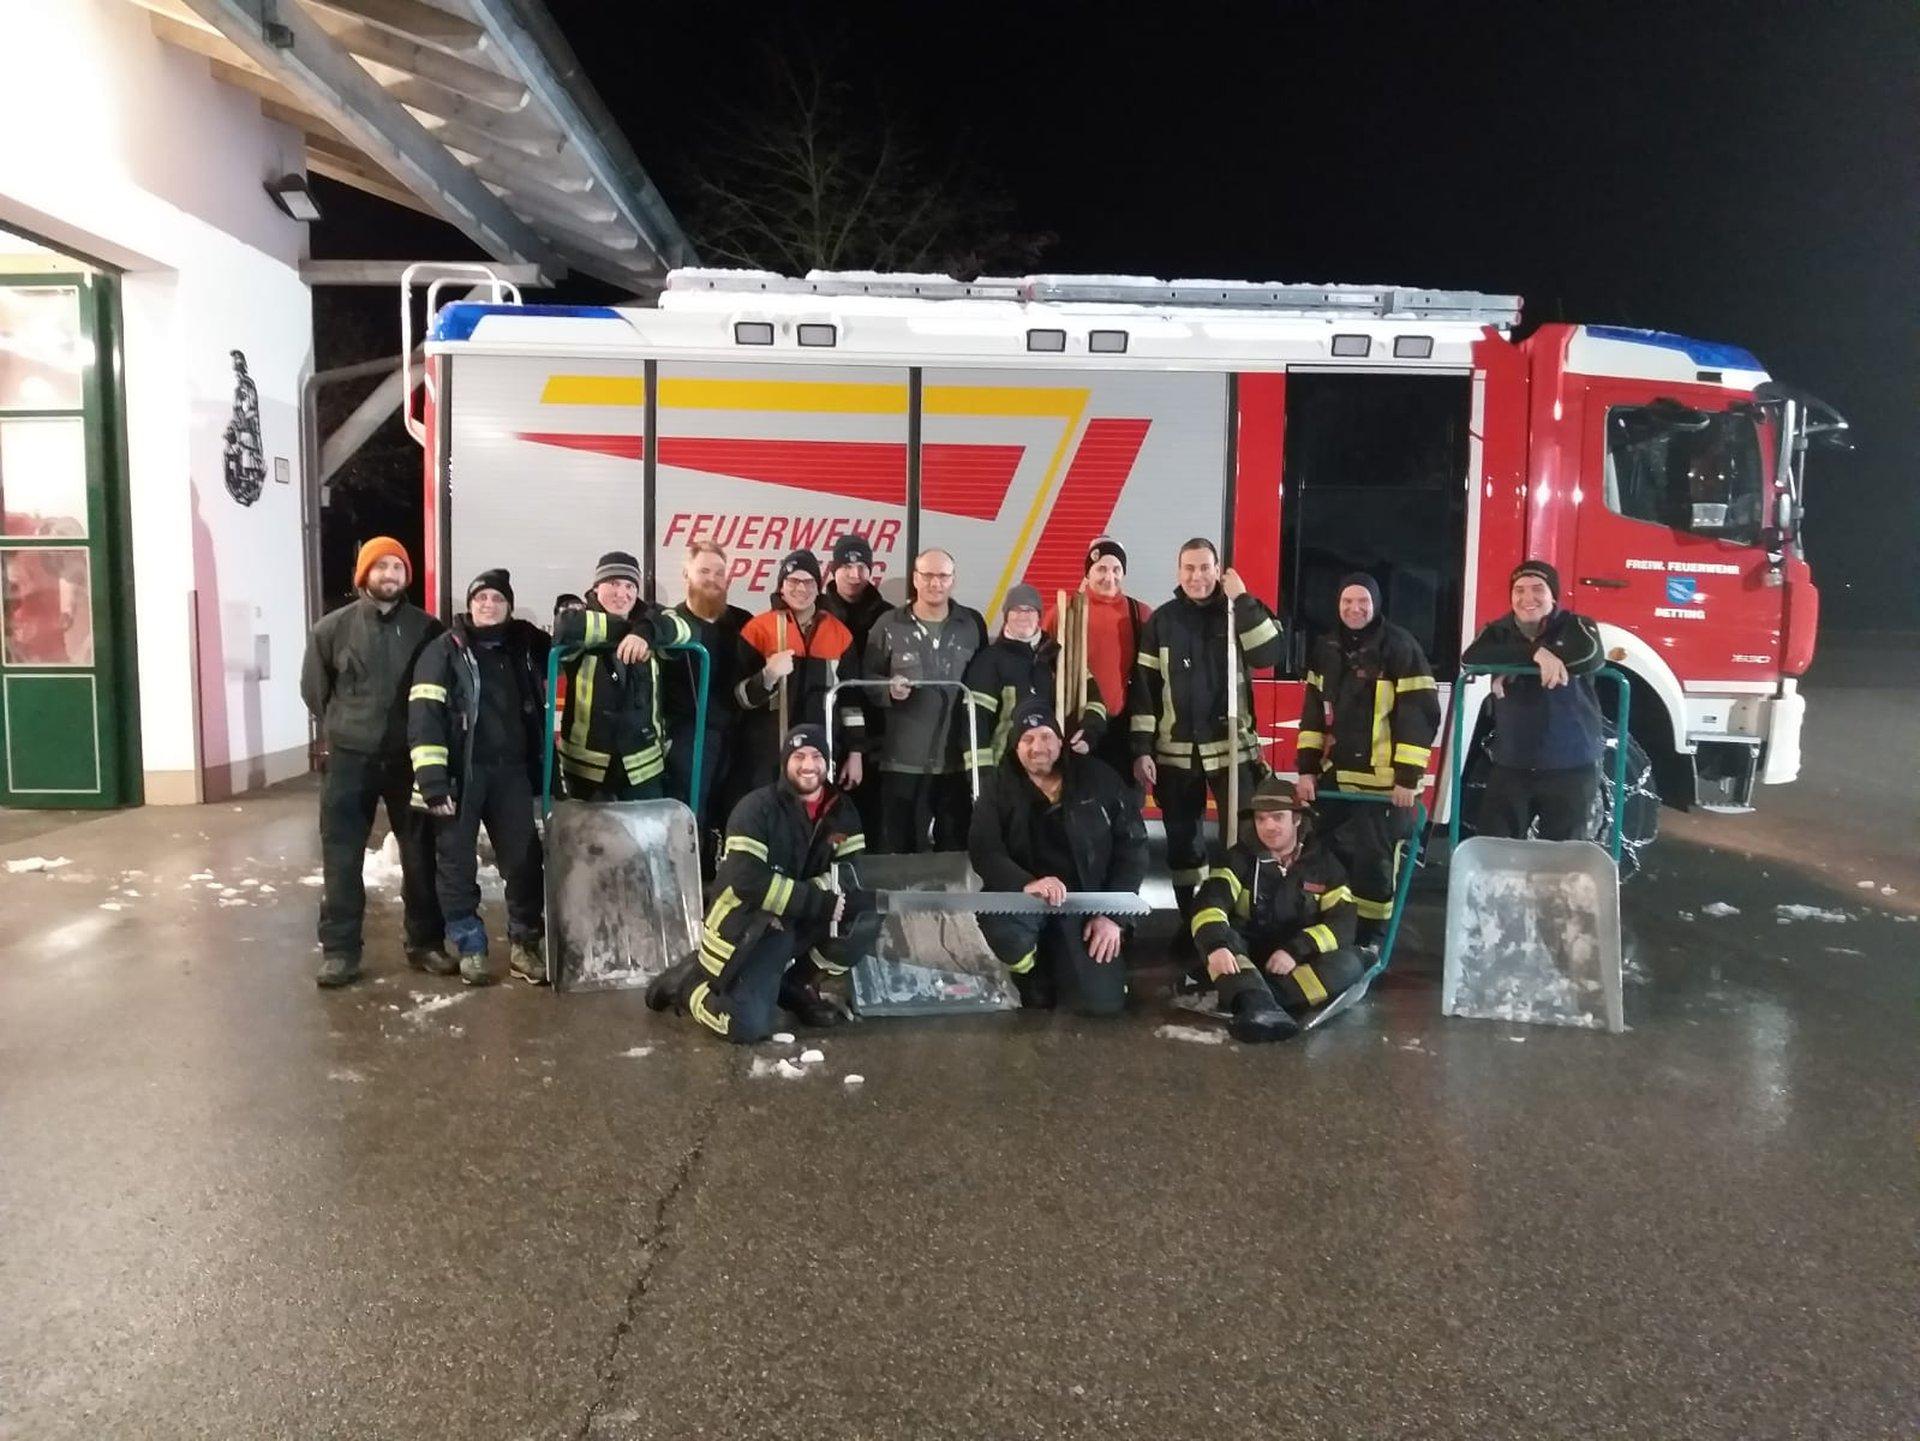 Klettergurt Feuerwehr : Freiwillige feuerwehr petting katastrophenalarm im landkreis